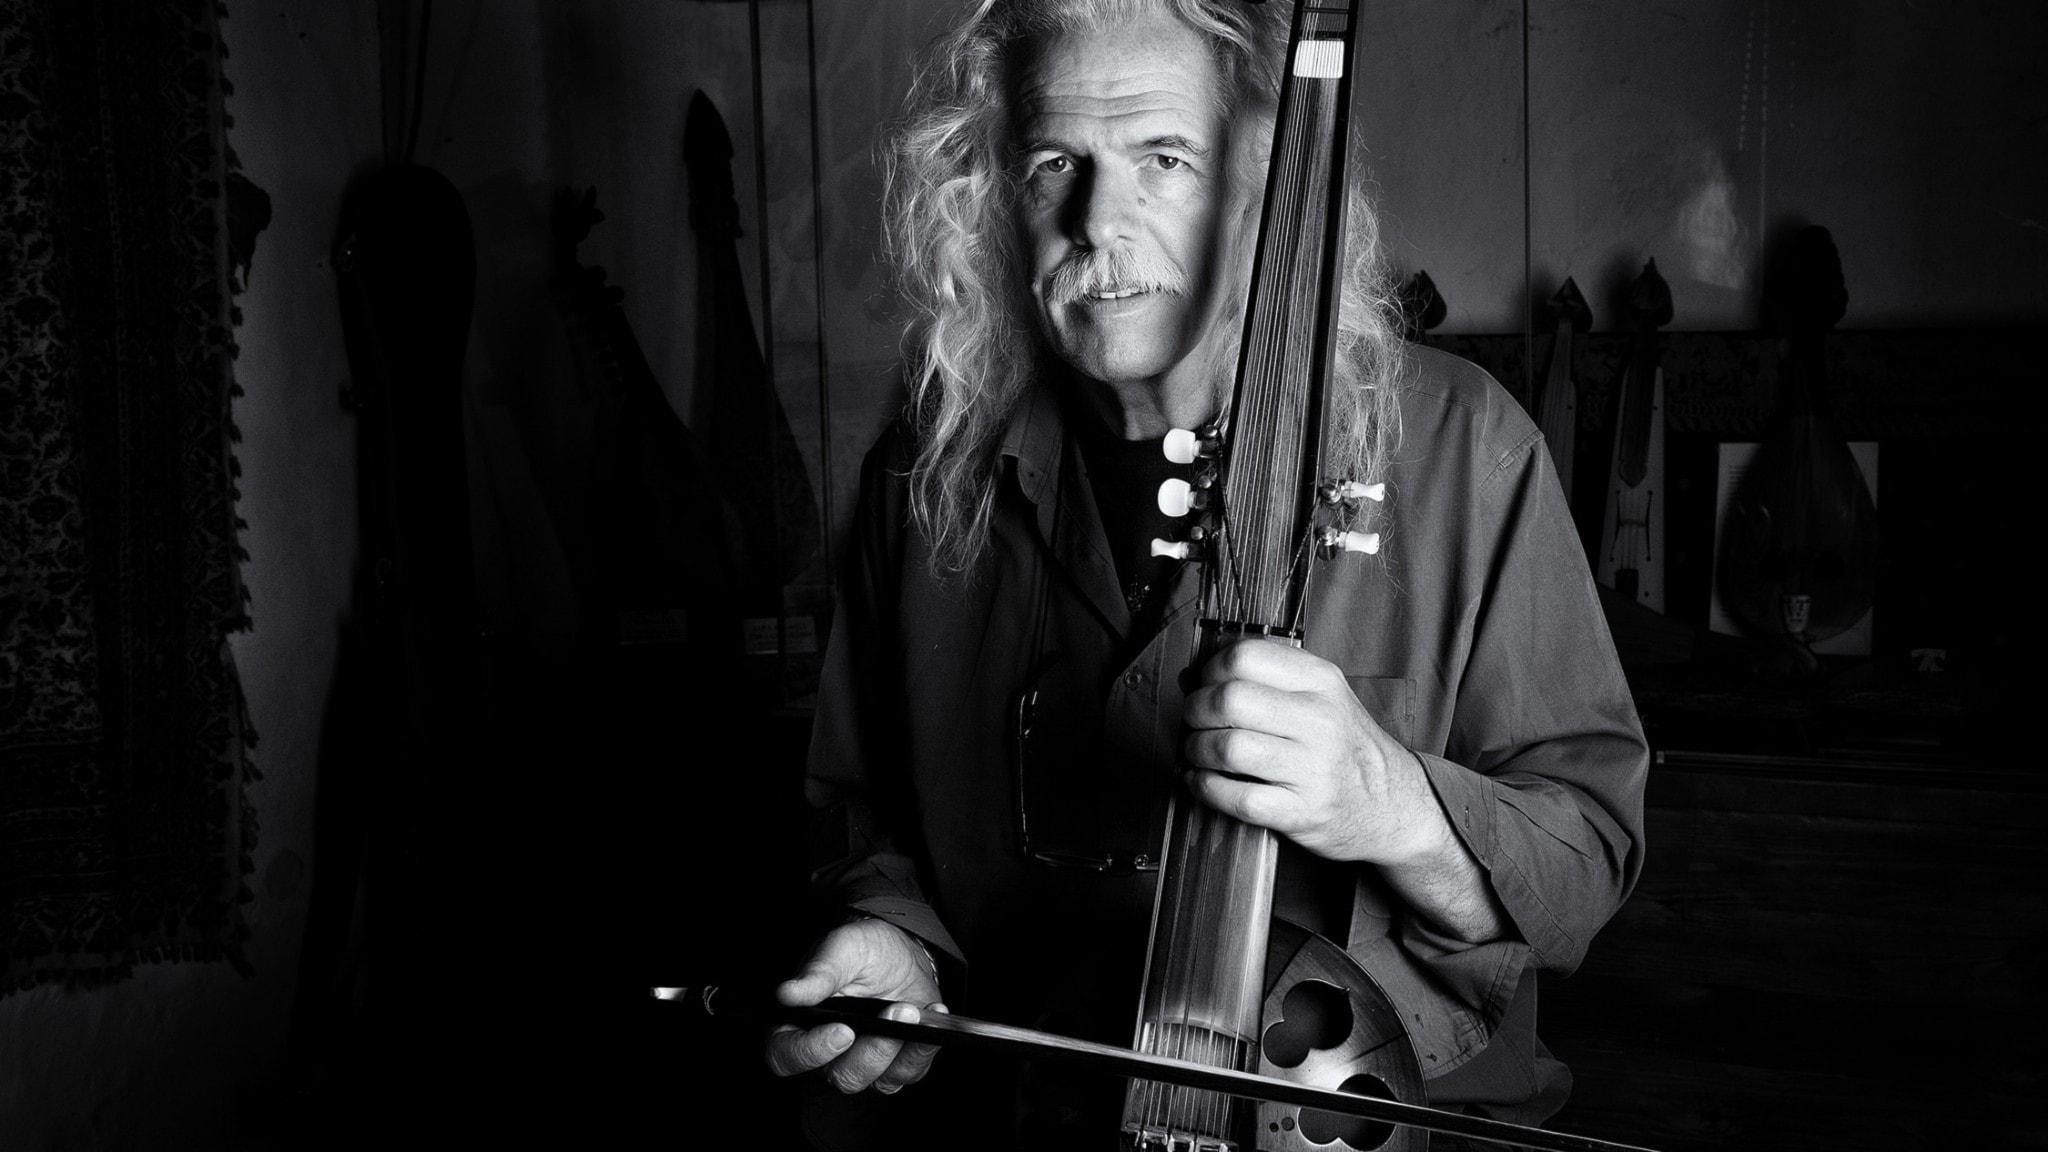 KONSERT: Ross Daly – stigfinnare i orientalisk musik, del 2